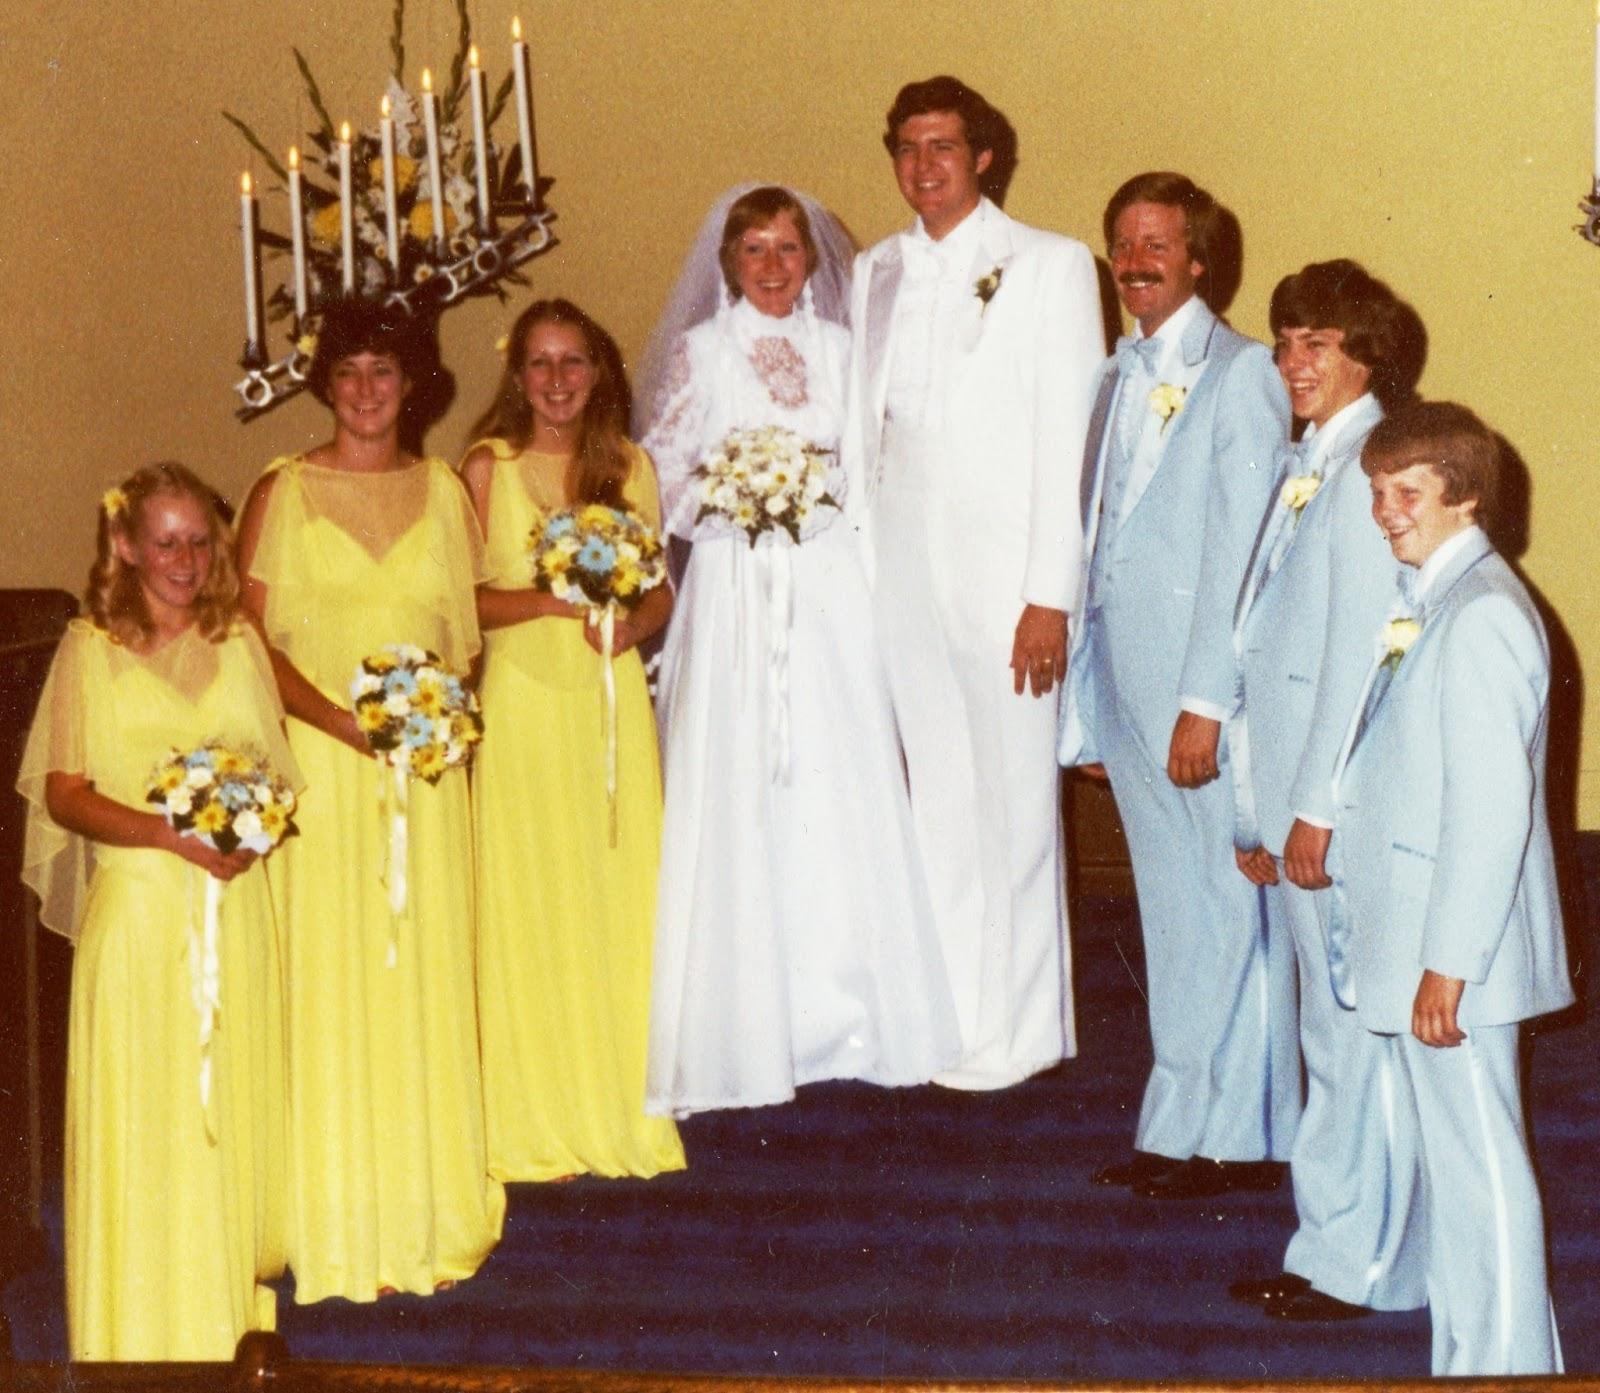 abt unk  wordless wedding wednesday  tom  u0026 karen streff